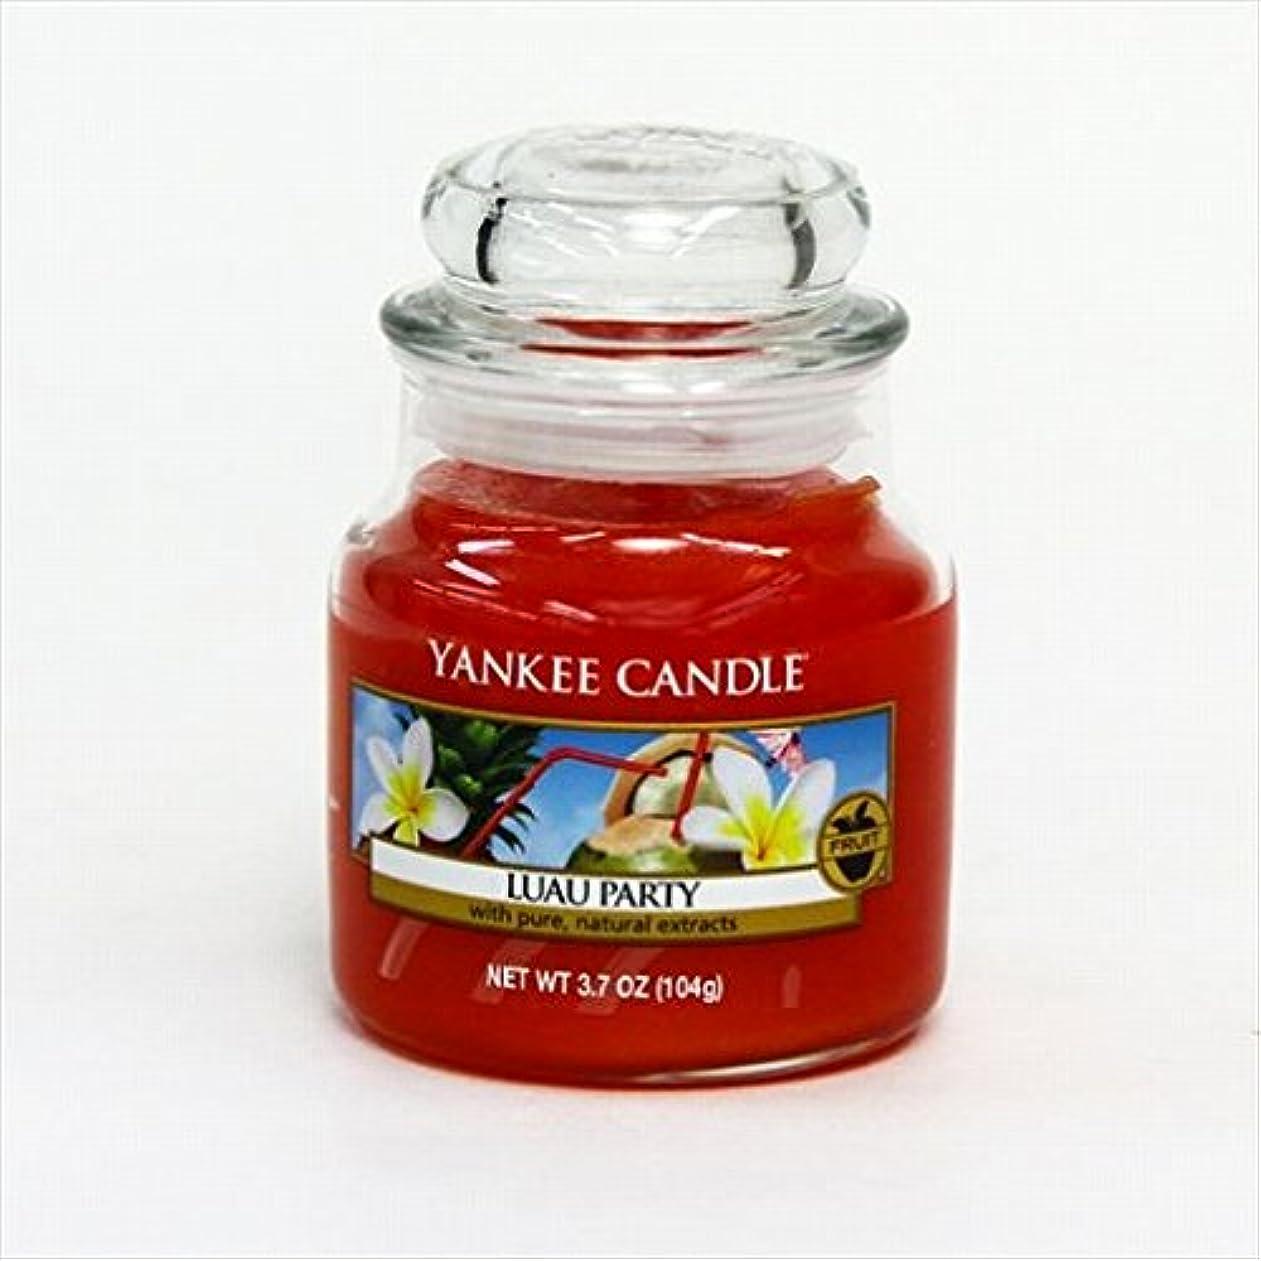 ピットクリップ蝶移民カメヤマキャンドル(kameyama candle) YANKEE CANDLE ジャーS 「 ルーアウパーティ 」